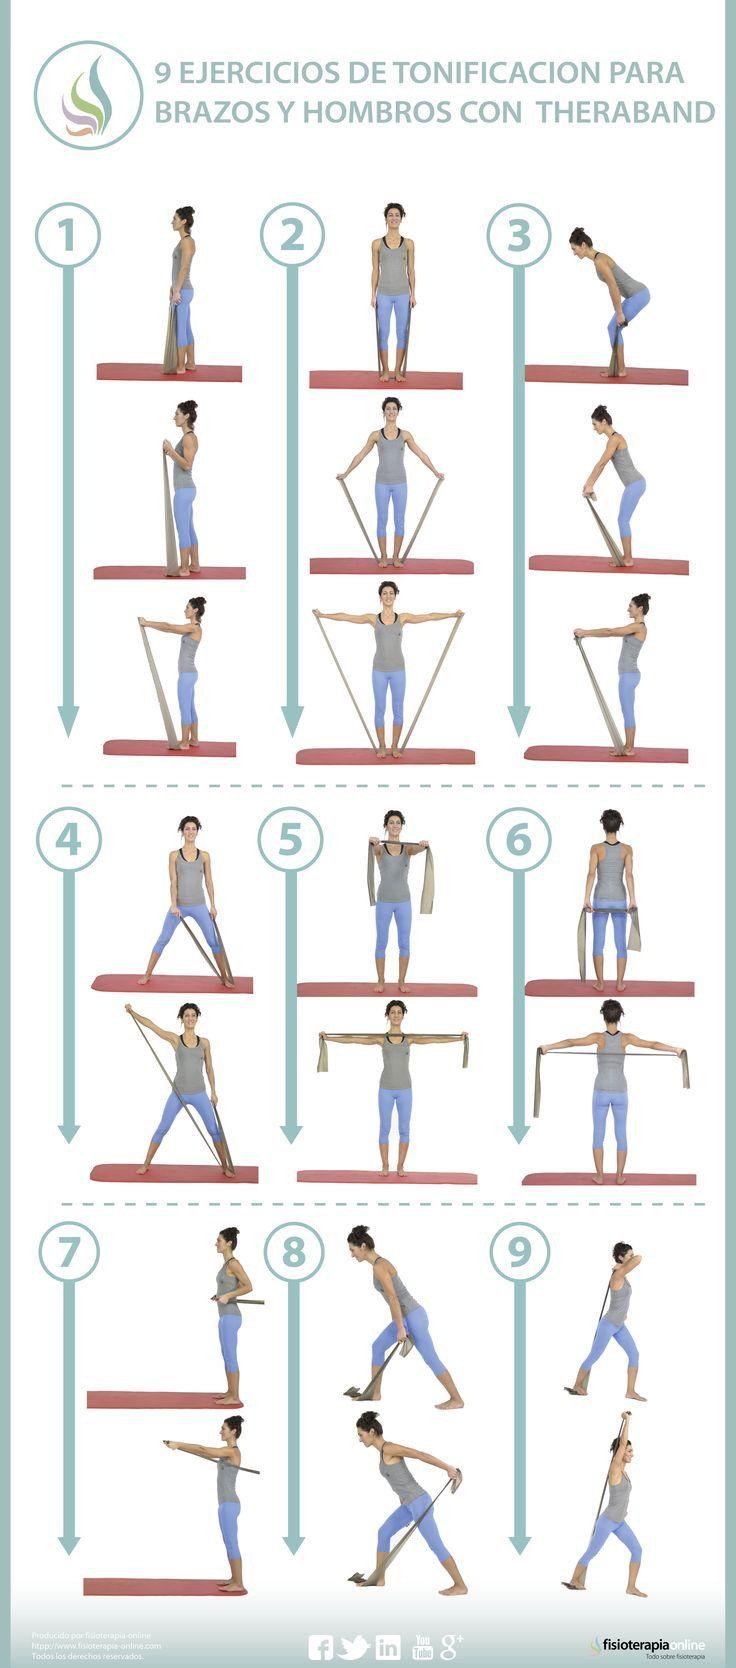 Aprende a tonificar y potenciar tus brazos y hombros con theraband ...